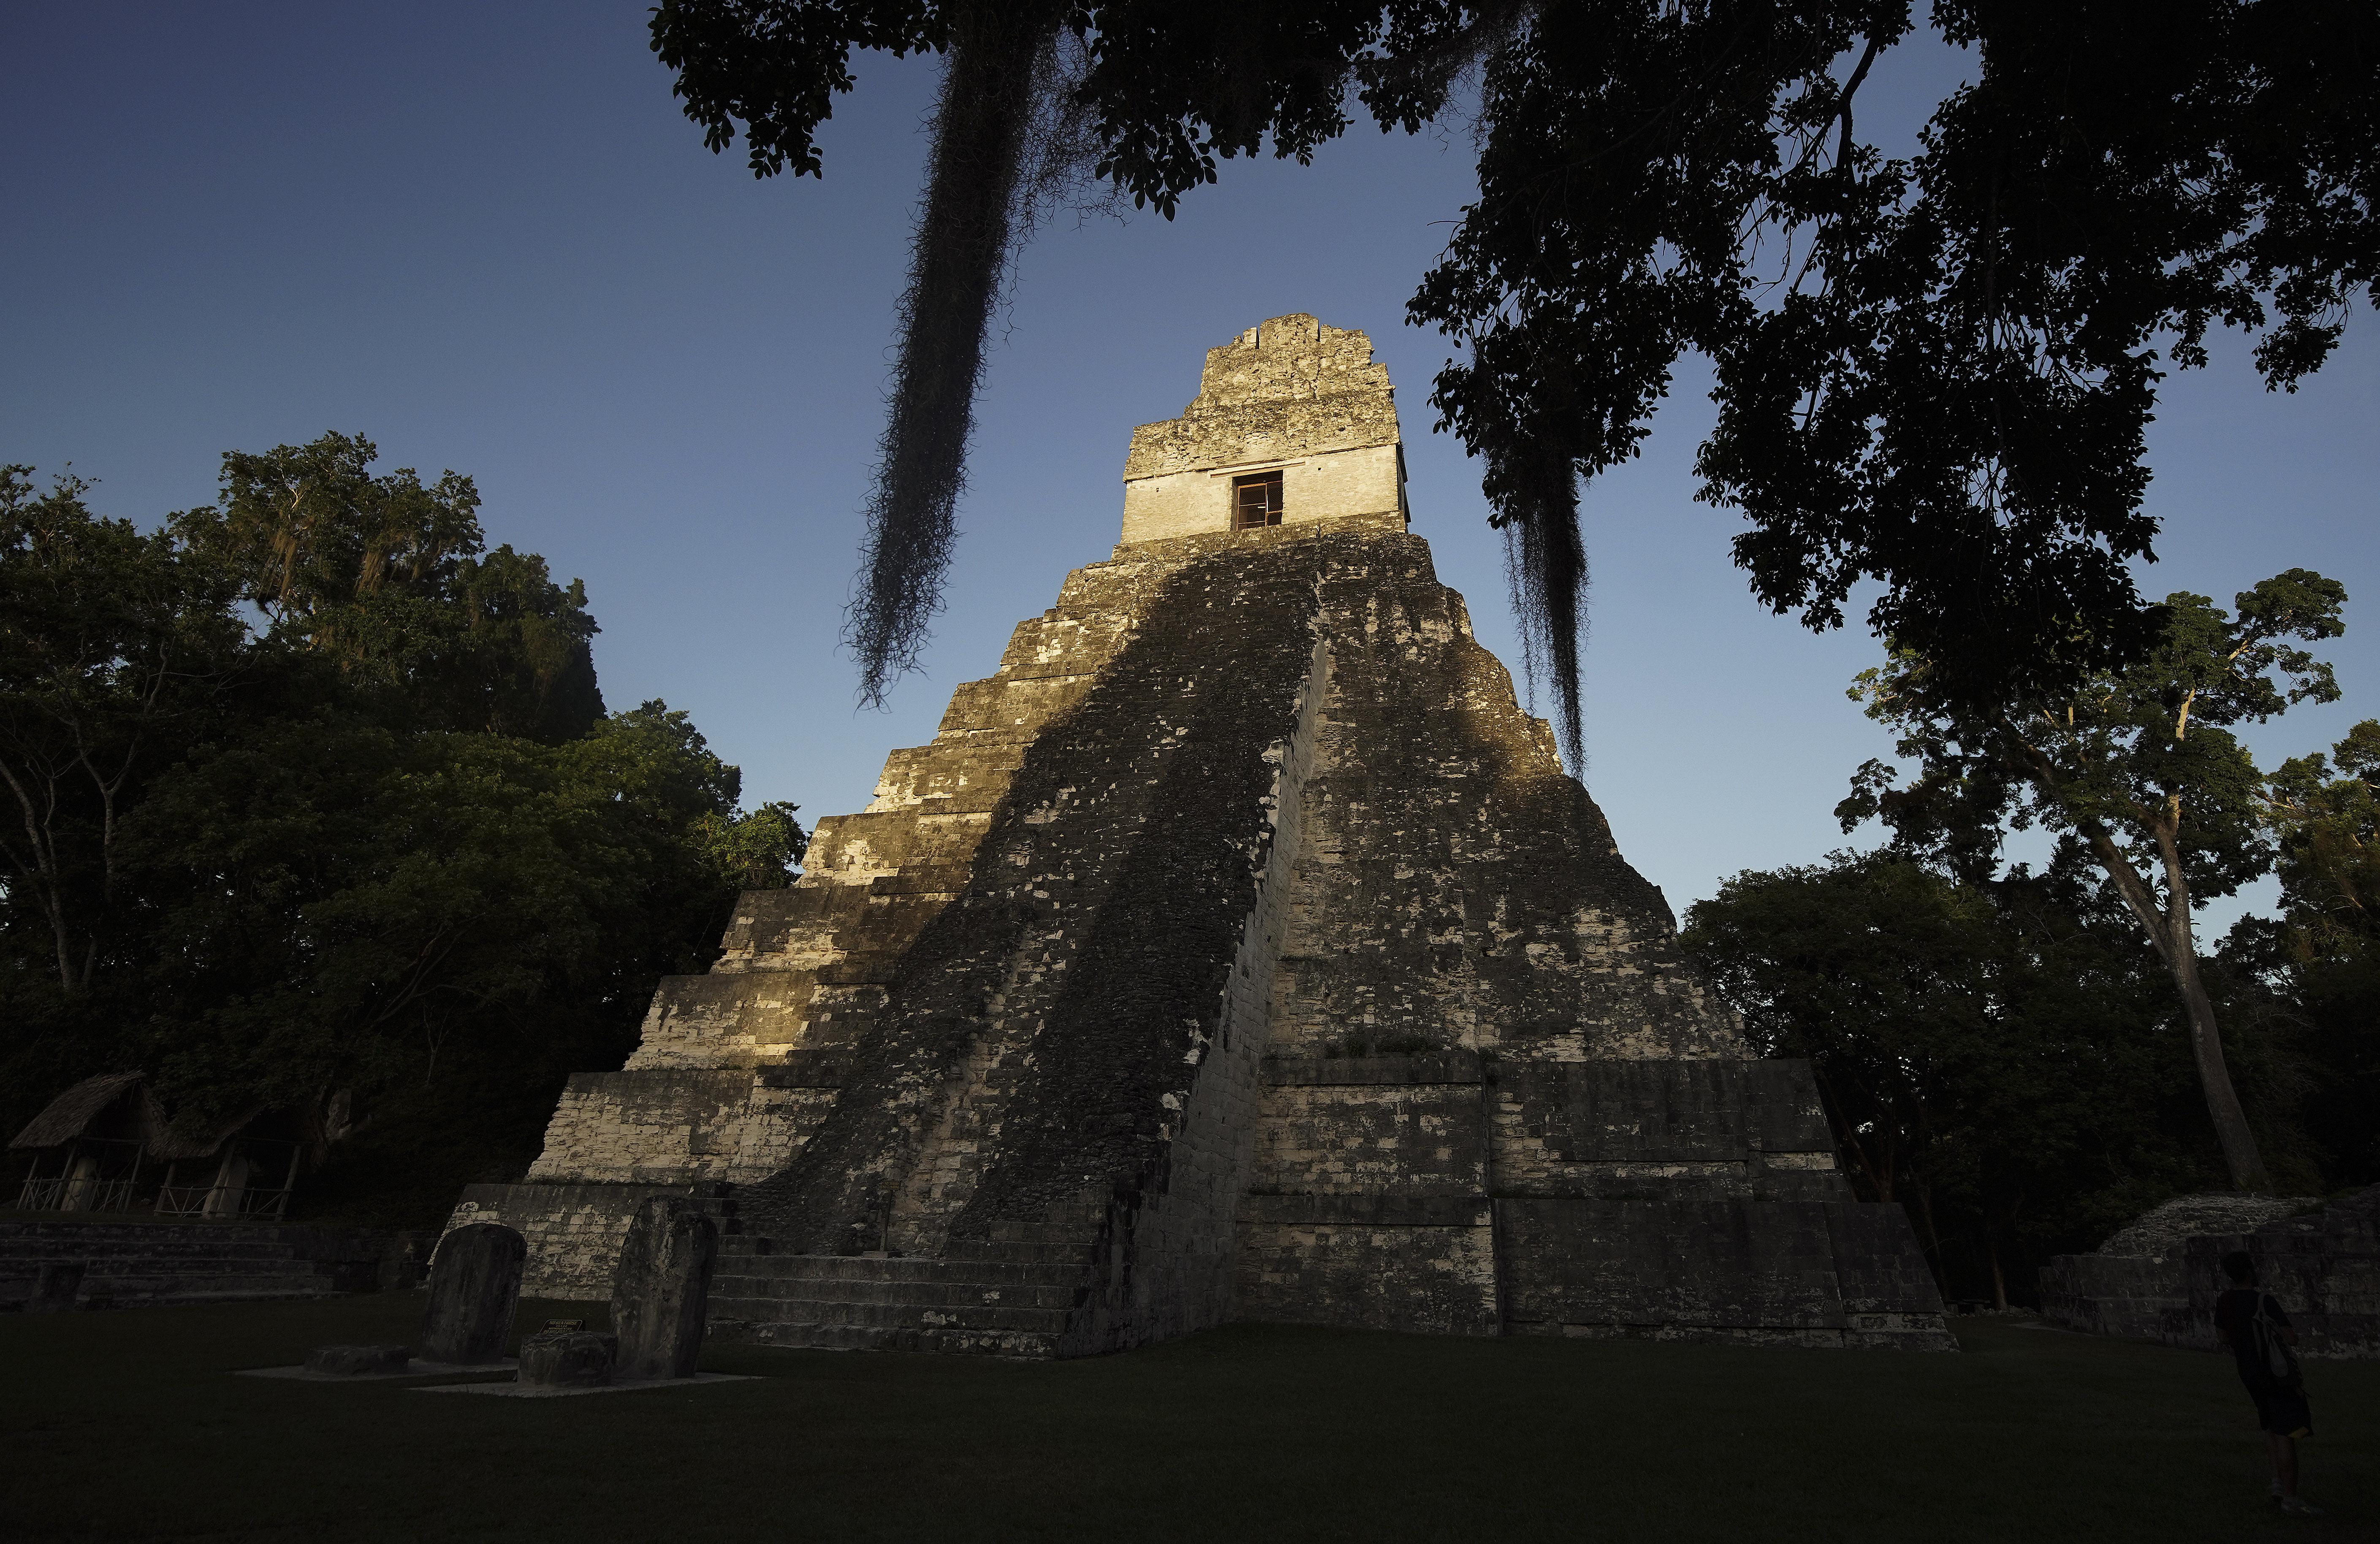 O sol se põe num templo maia em Tikal, Guatemala, na quinta-feira, 22 de agosto de 2019.